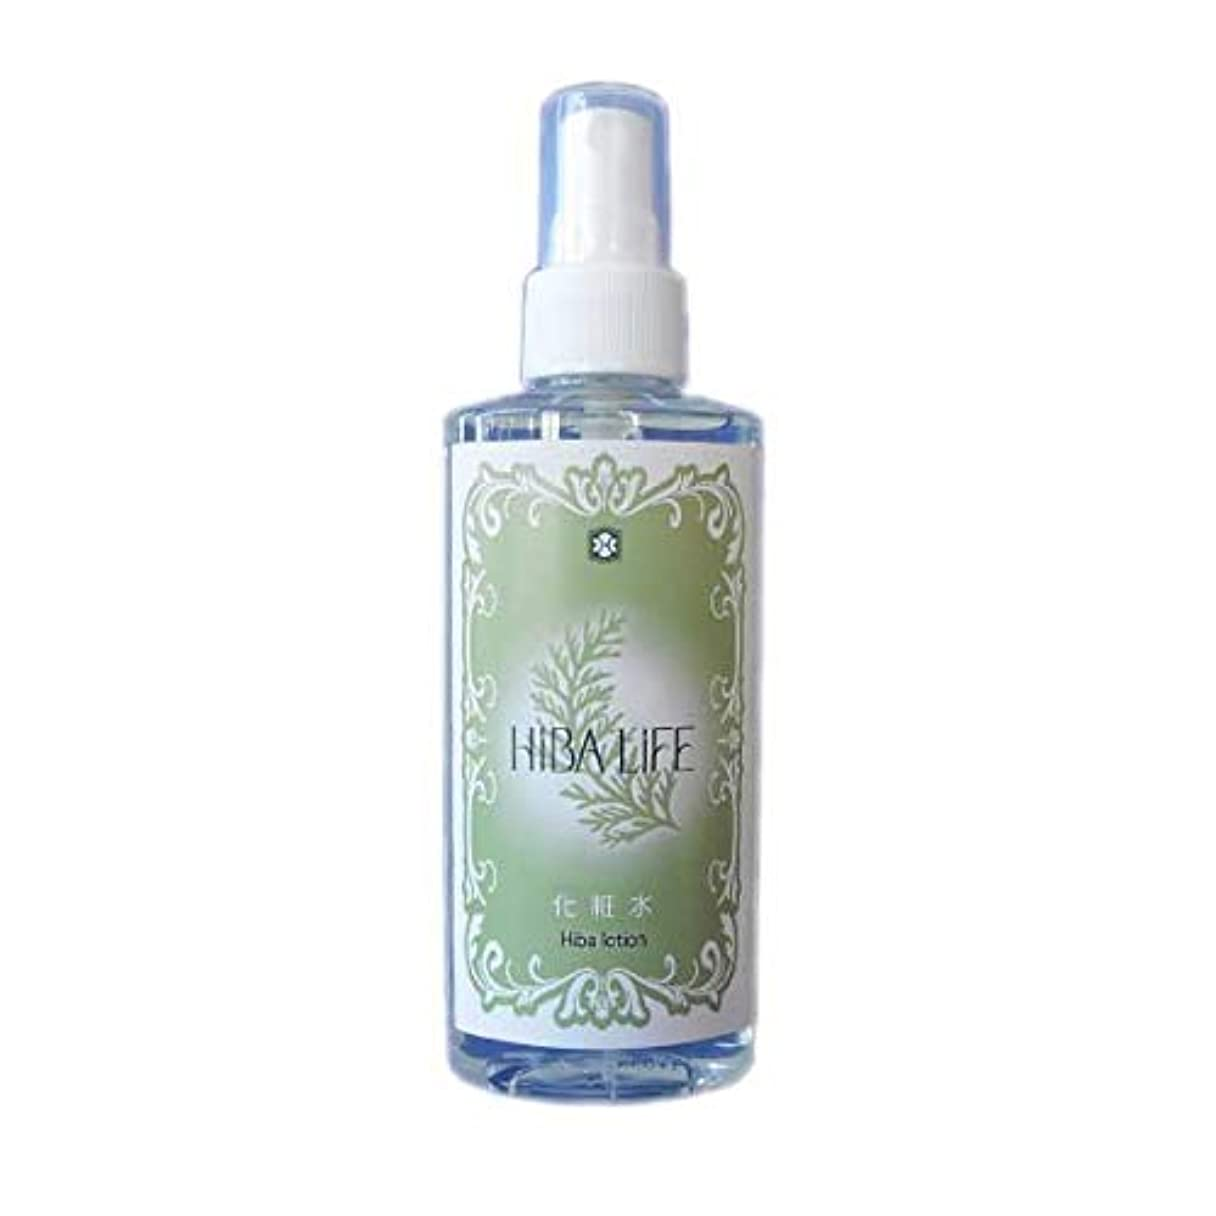 シャイニング服を洗う試すひばの森化粧水